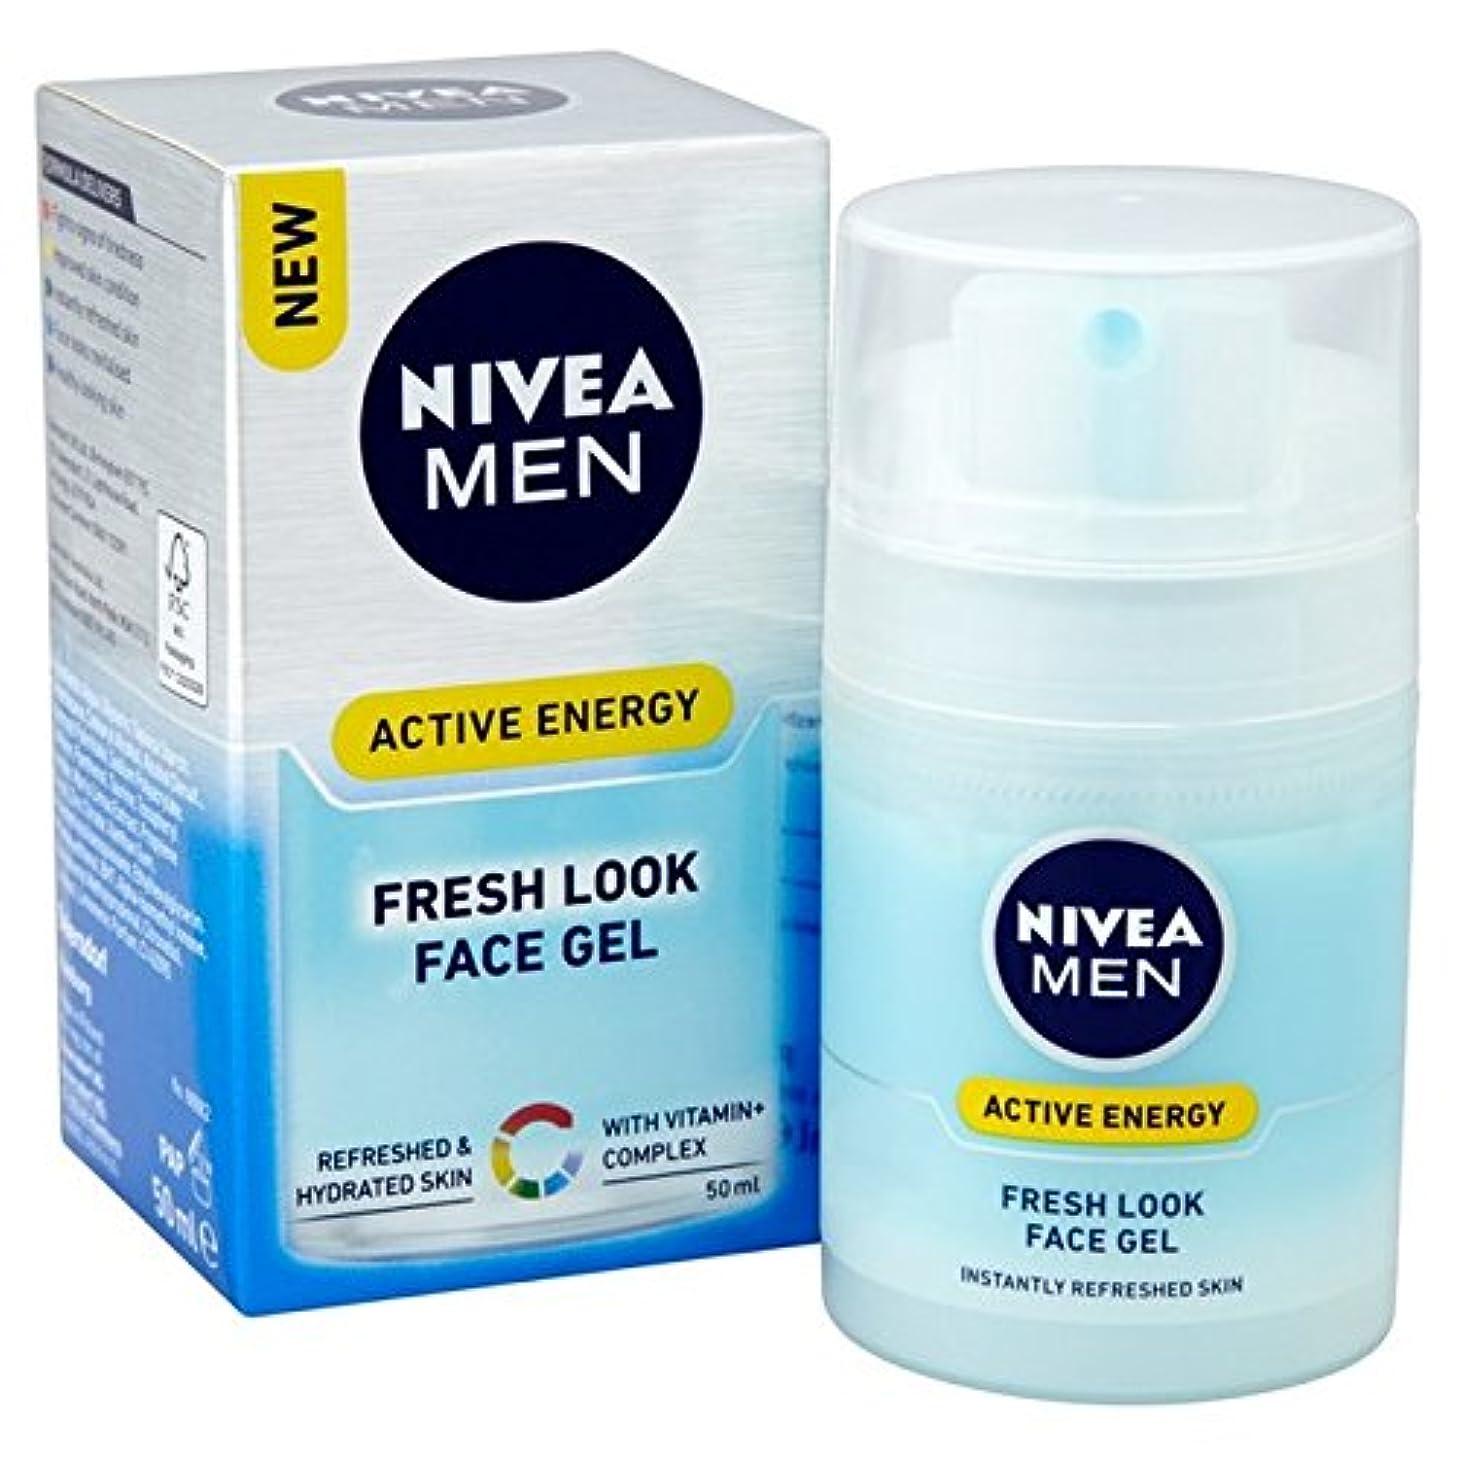 方法サラミ香水ニベアの男性活性エネルギー新鮮な表情の顔ゲル50ミリリットル x4 - Nivea Men Active Energy Fresh Look Face Gel 50ml (Pack of 4) [並行輸入品]